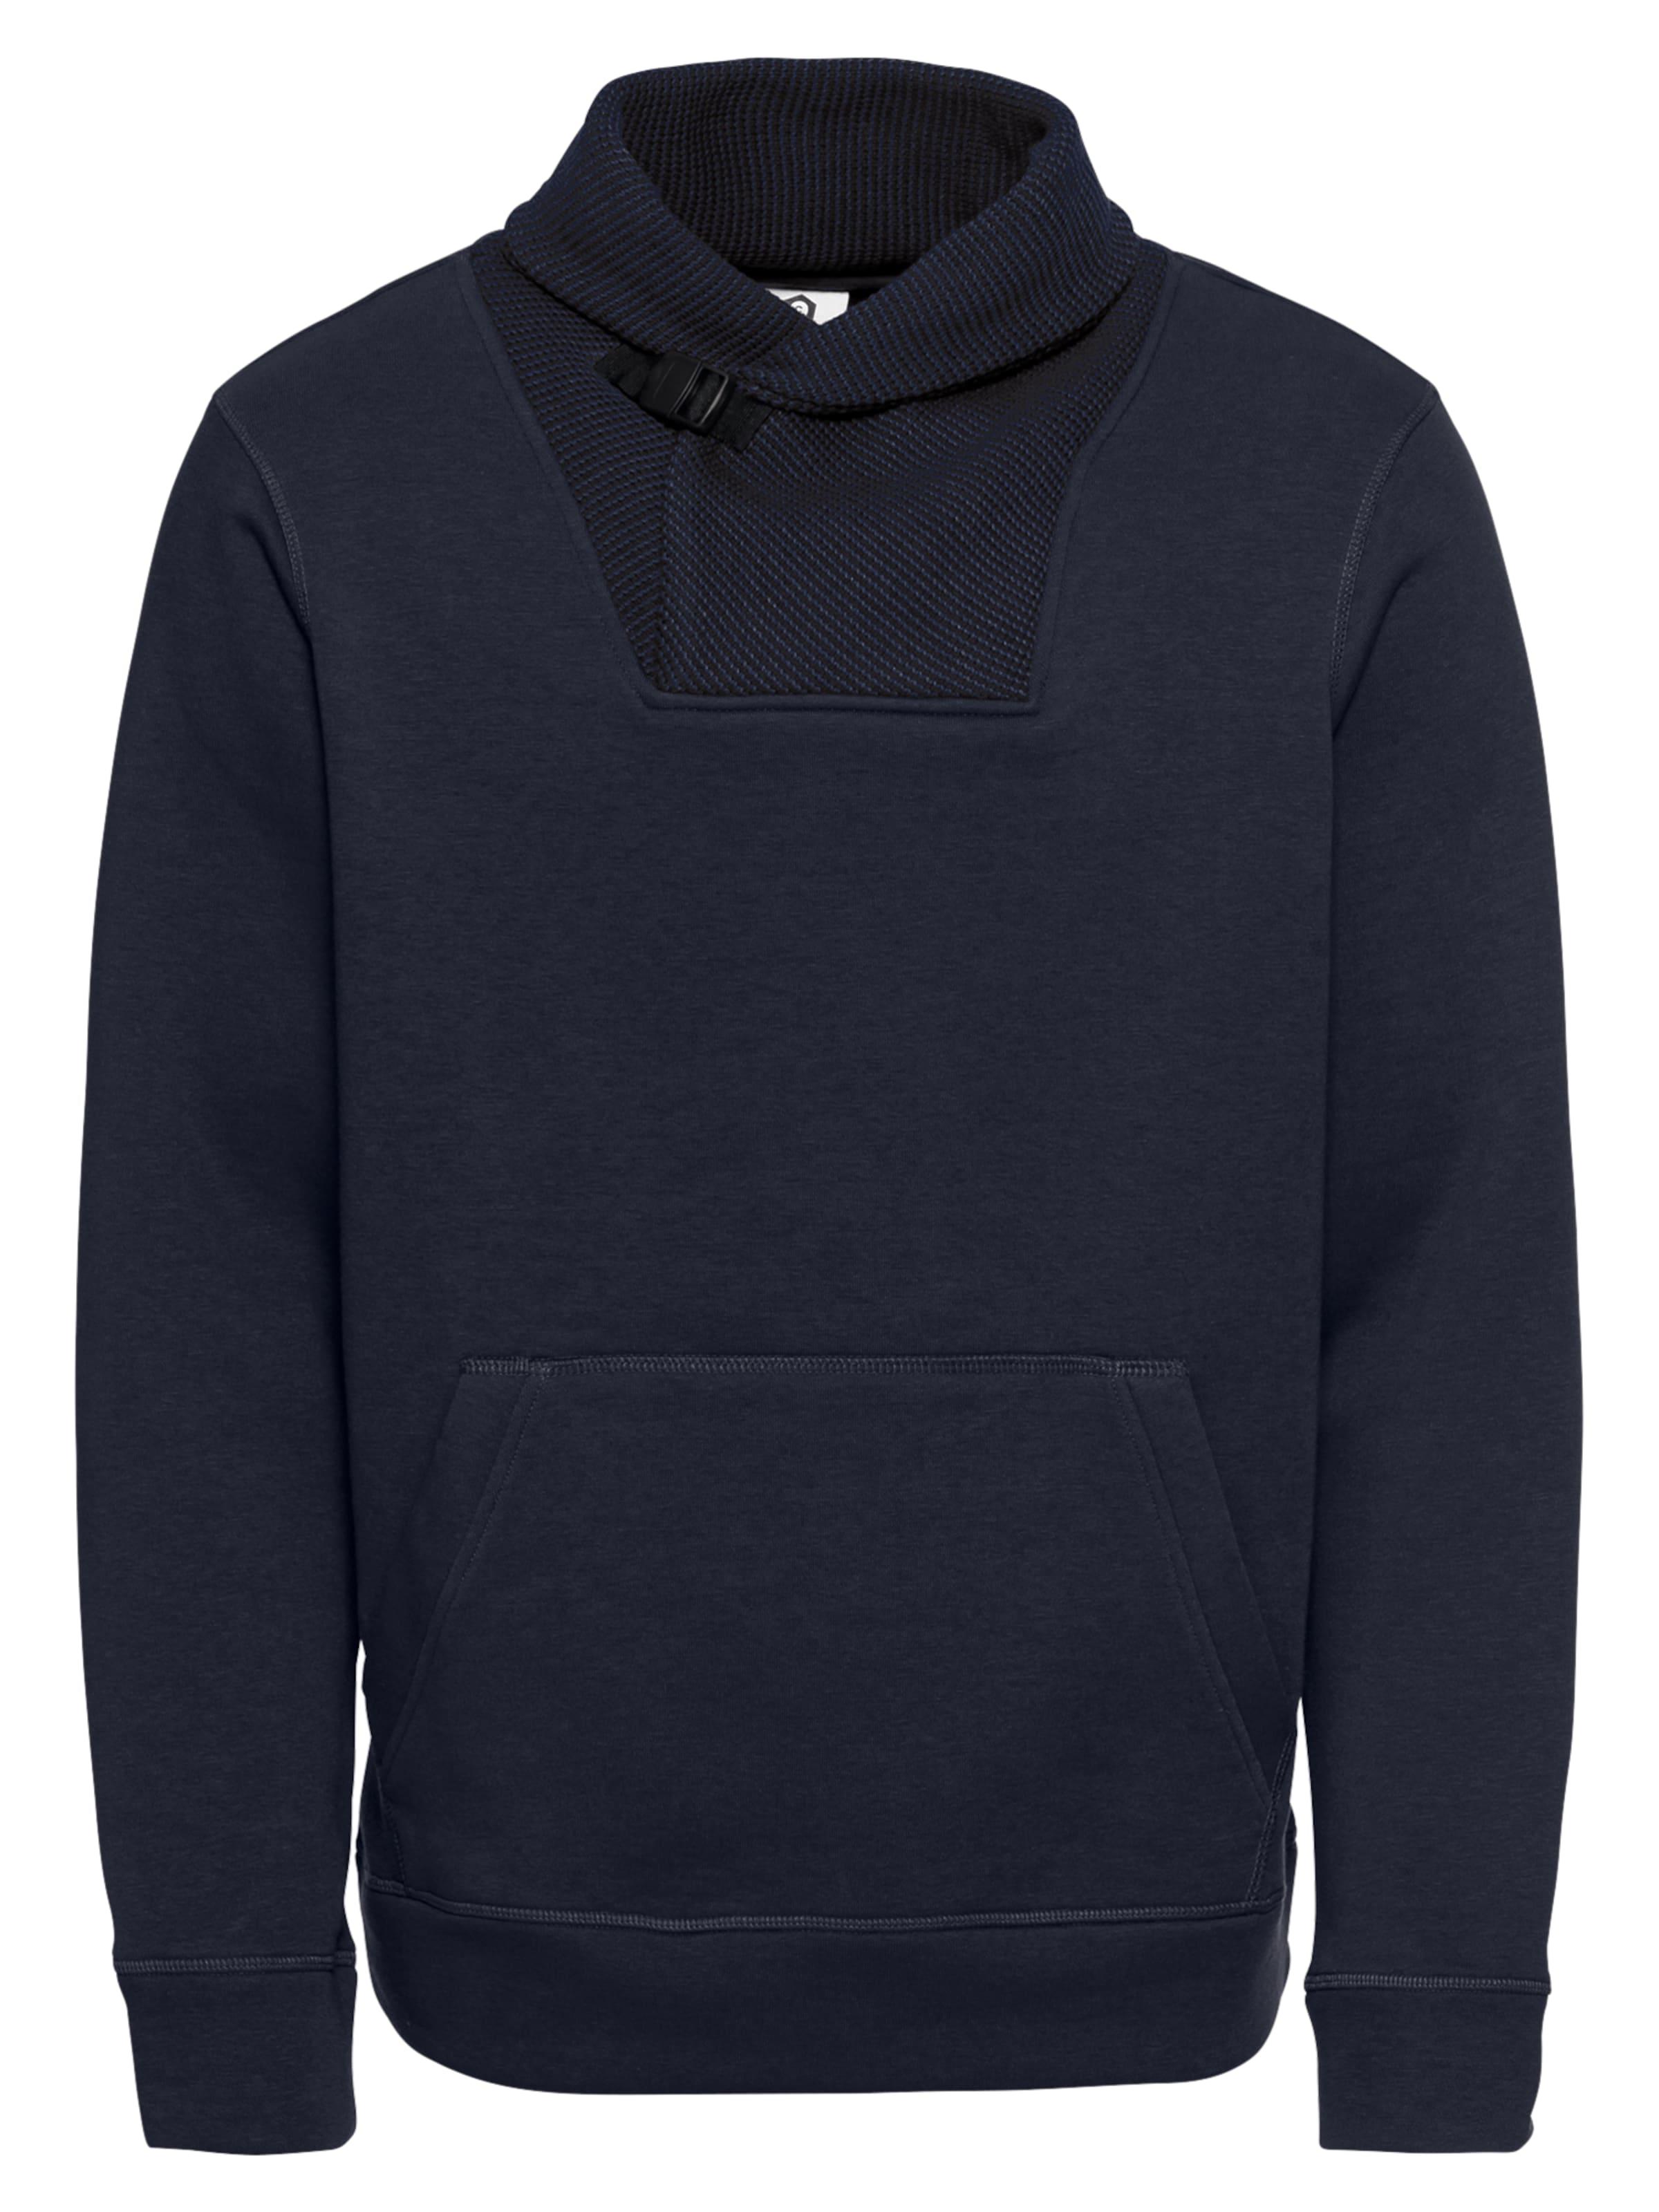 In Dunkelblau Jackamp; Jackamp; Sweatshirt Jones In Sweatshirt Jackamp; In Jones Sweatshirt Dunkelblau Jones Ok0wX8nP